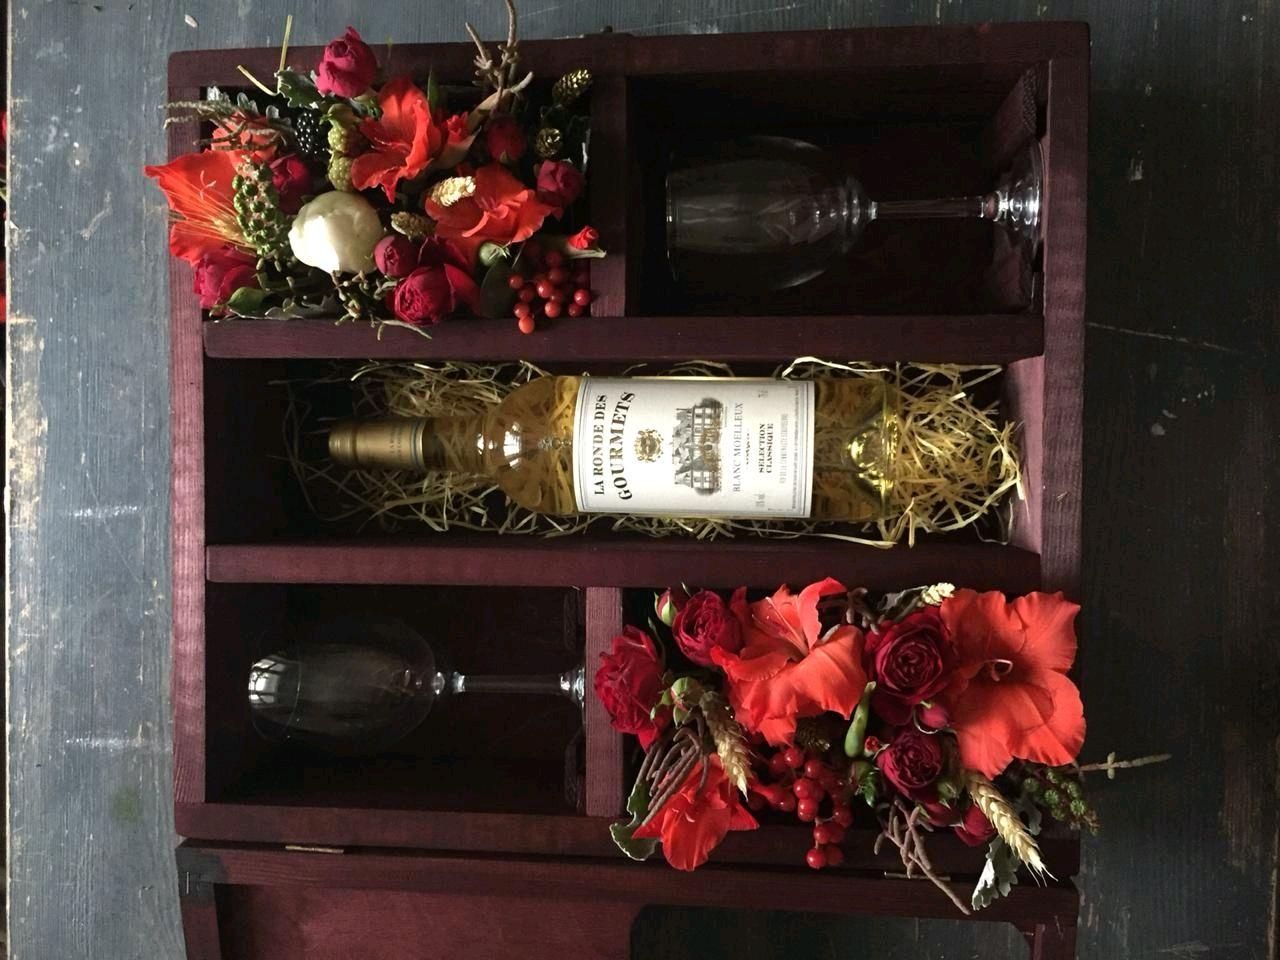 Подарочный набор из вина и двух бакалов и с добовлением красивых цвето, Подарки, Москва, Фото №1